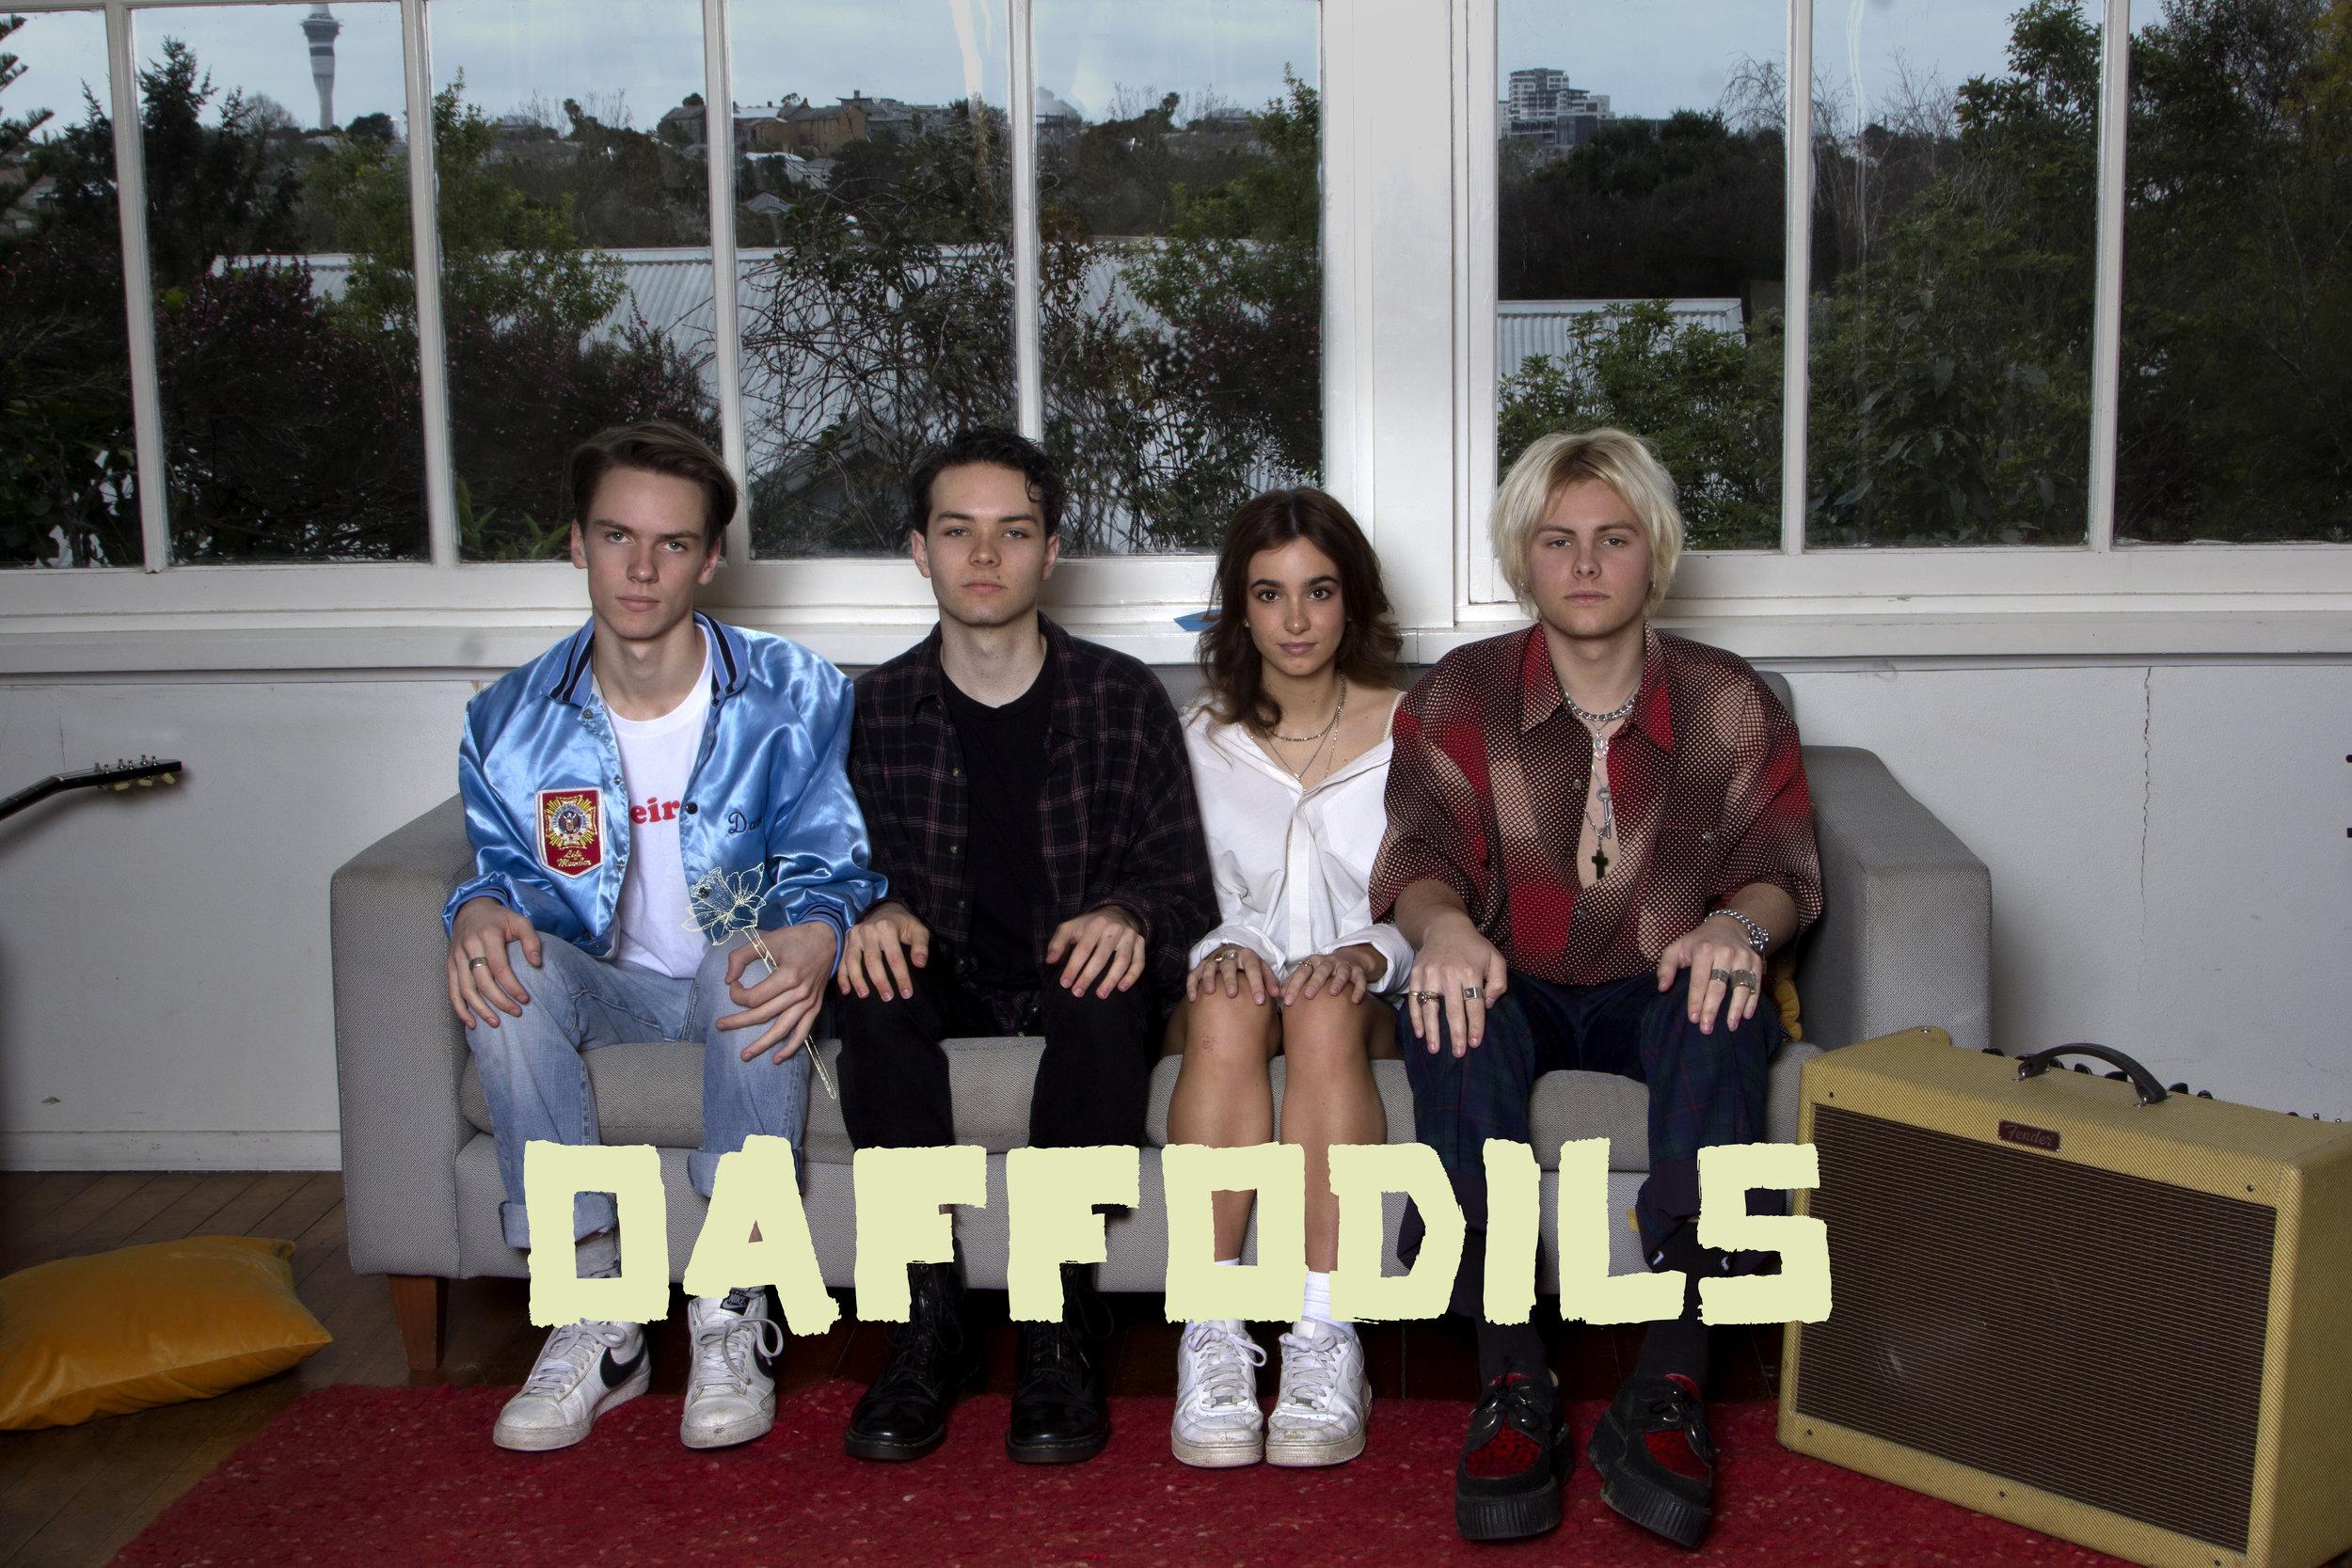 @daffodilsarenotforkids